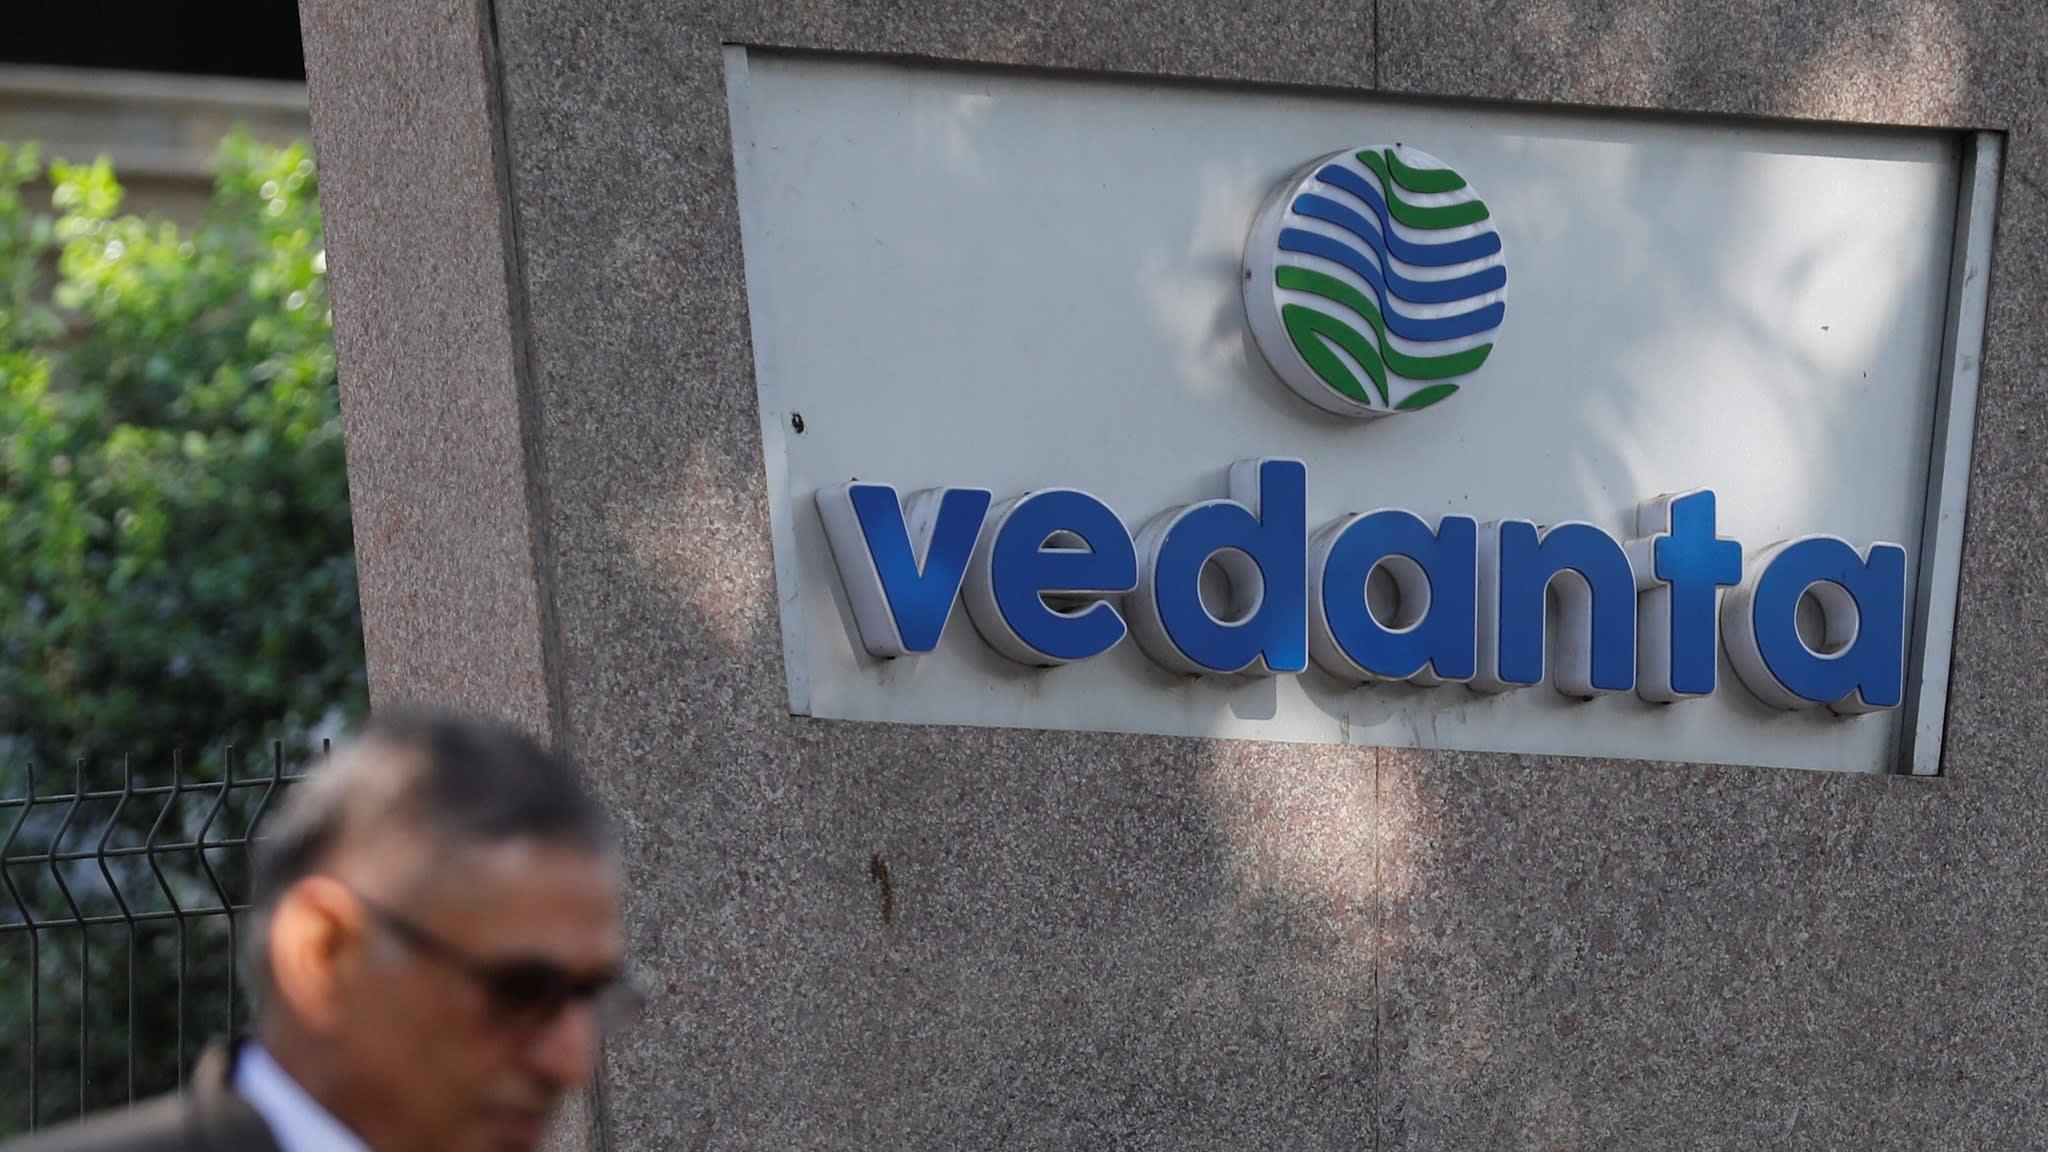 铜价飙升 印度韦丹塔重启铜冶炼厂计划再度遭拒